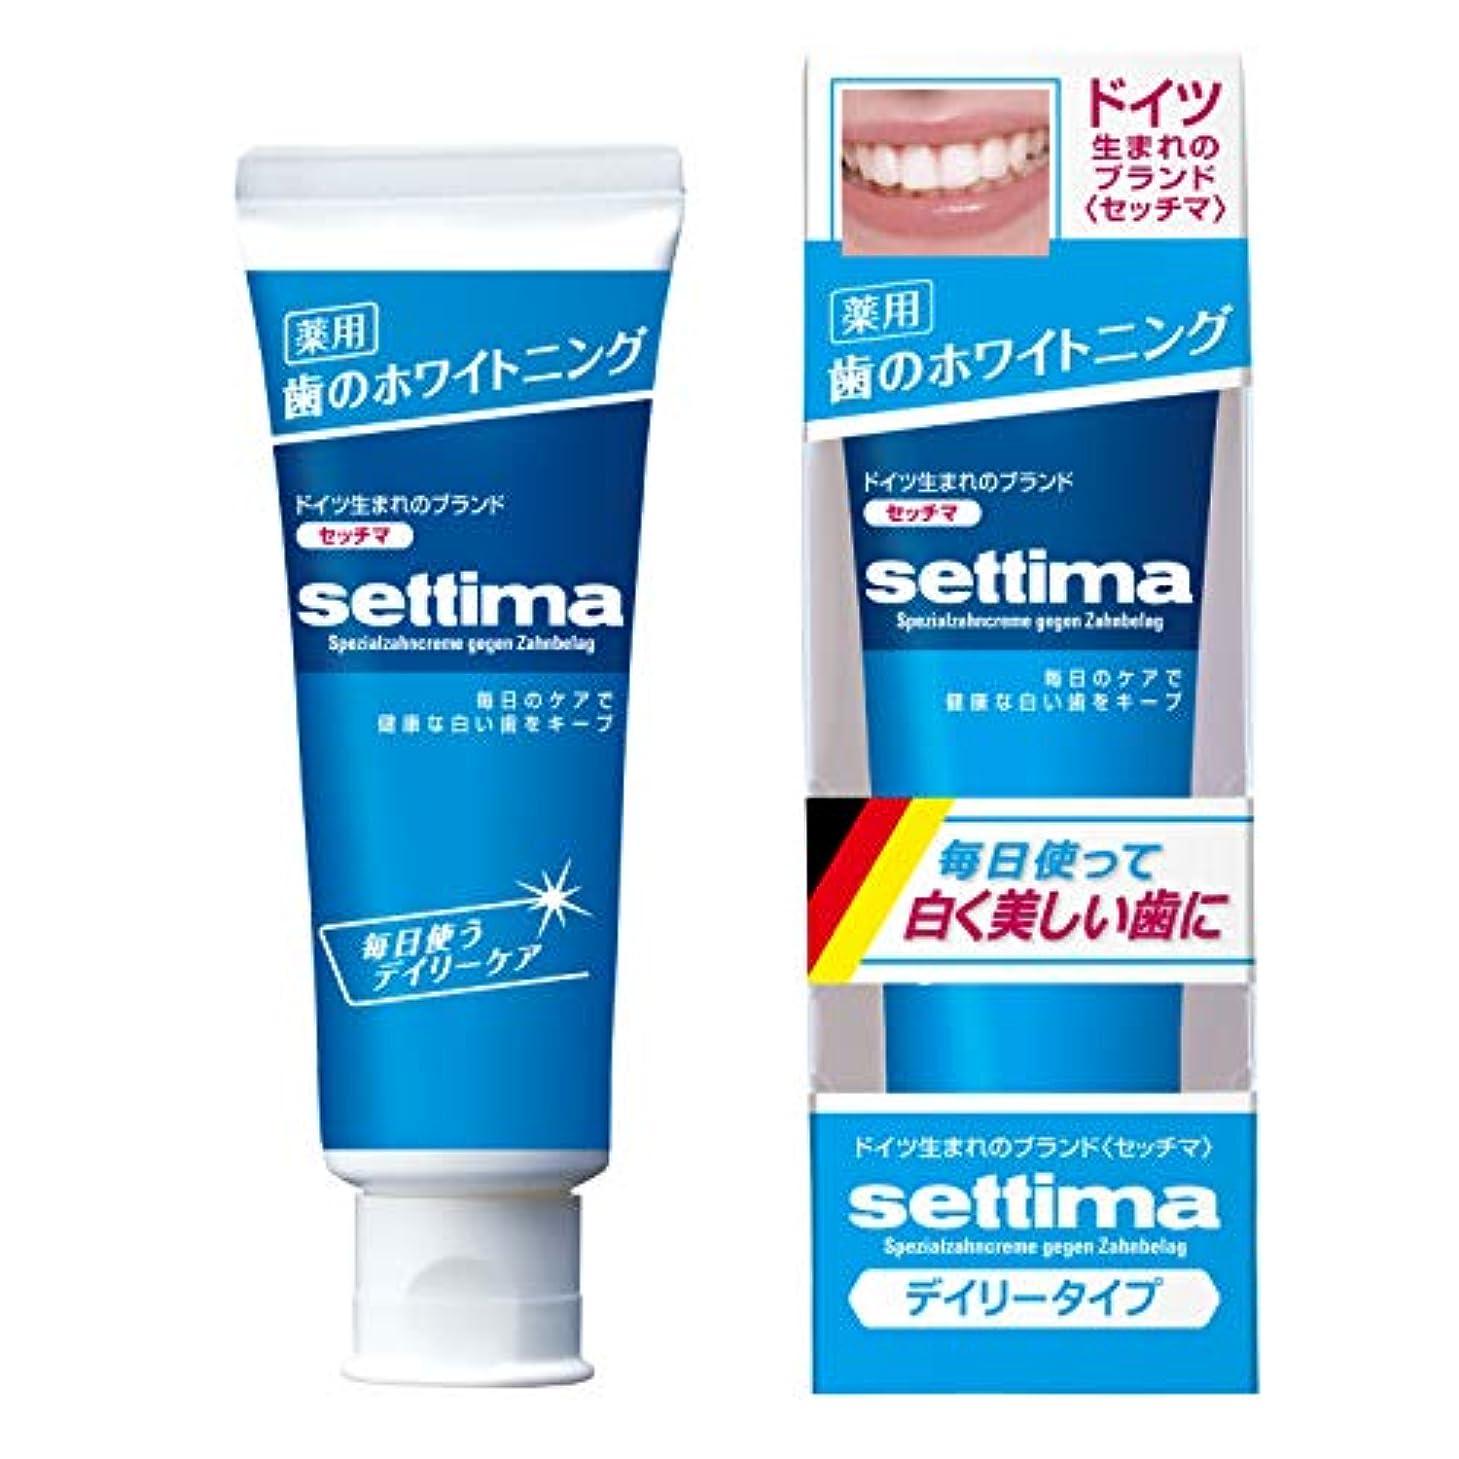 再生バンドペインギリックsettima(セッチマ) ホワイトニング 歯みがき デイリーケア [ファインミントタイプ]  80g